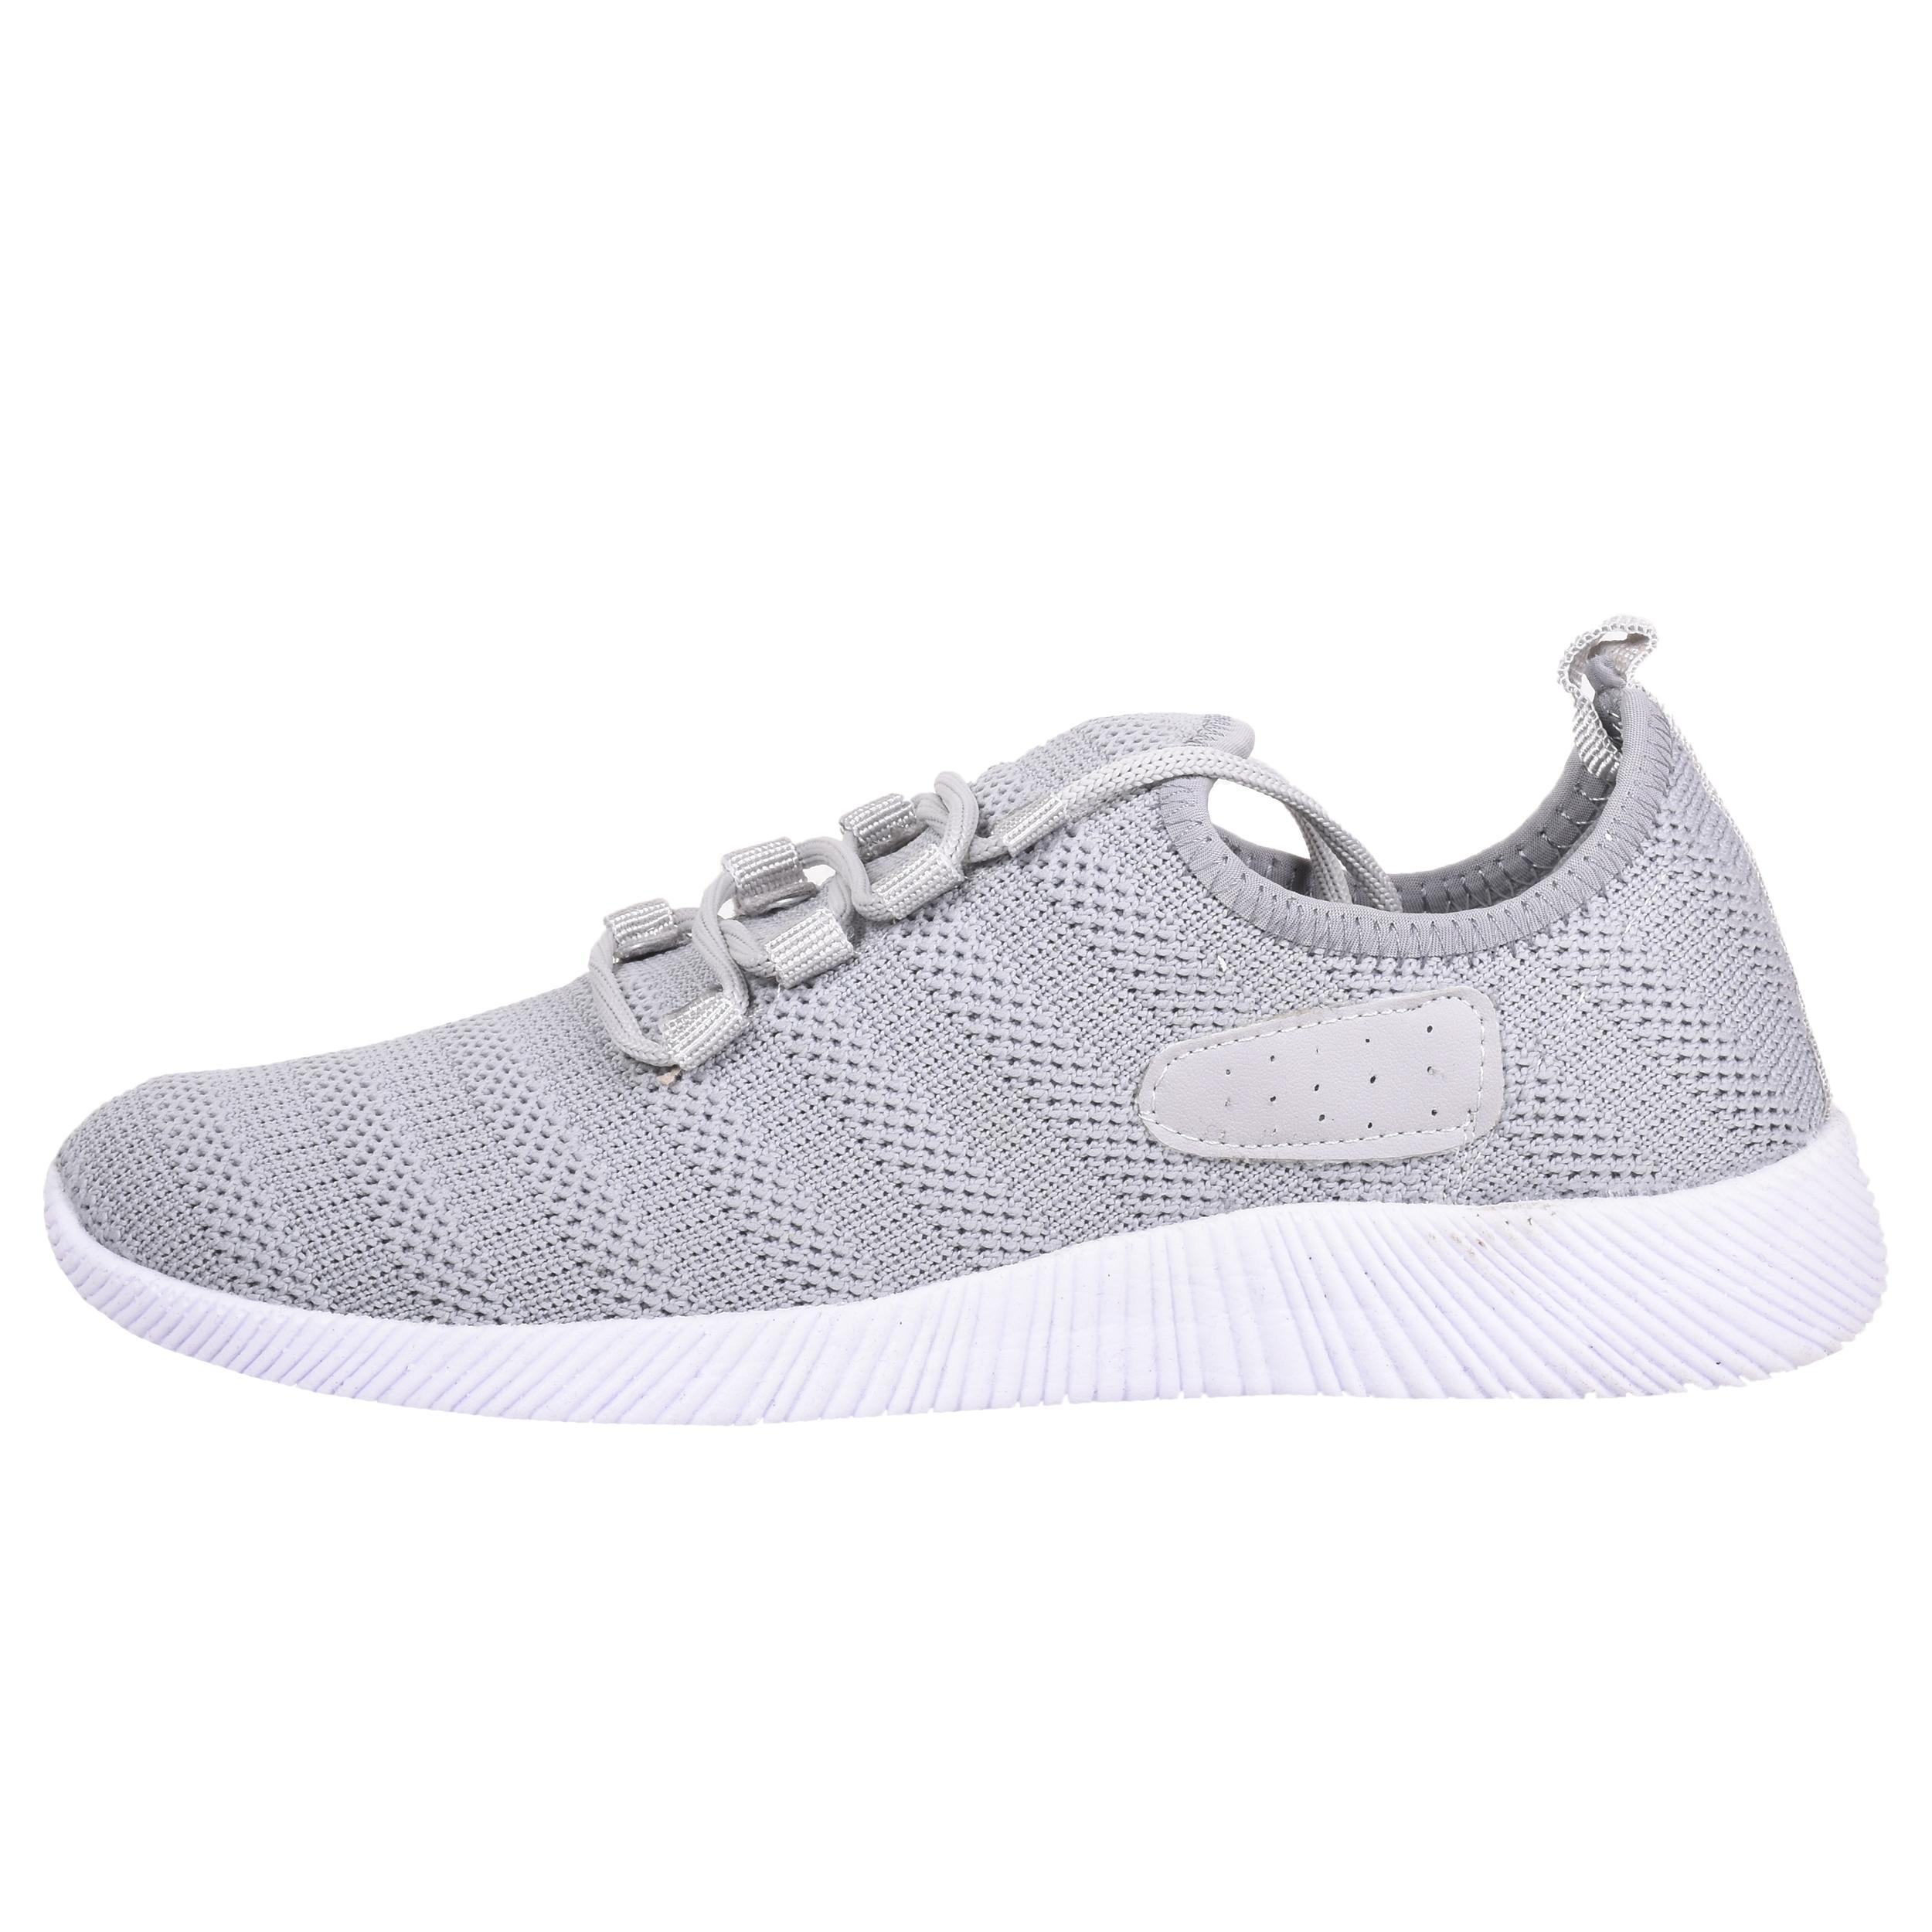 قیمت کفش مخصوص پیاده روی مردانه کد 21-1396131